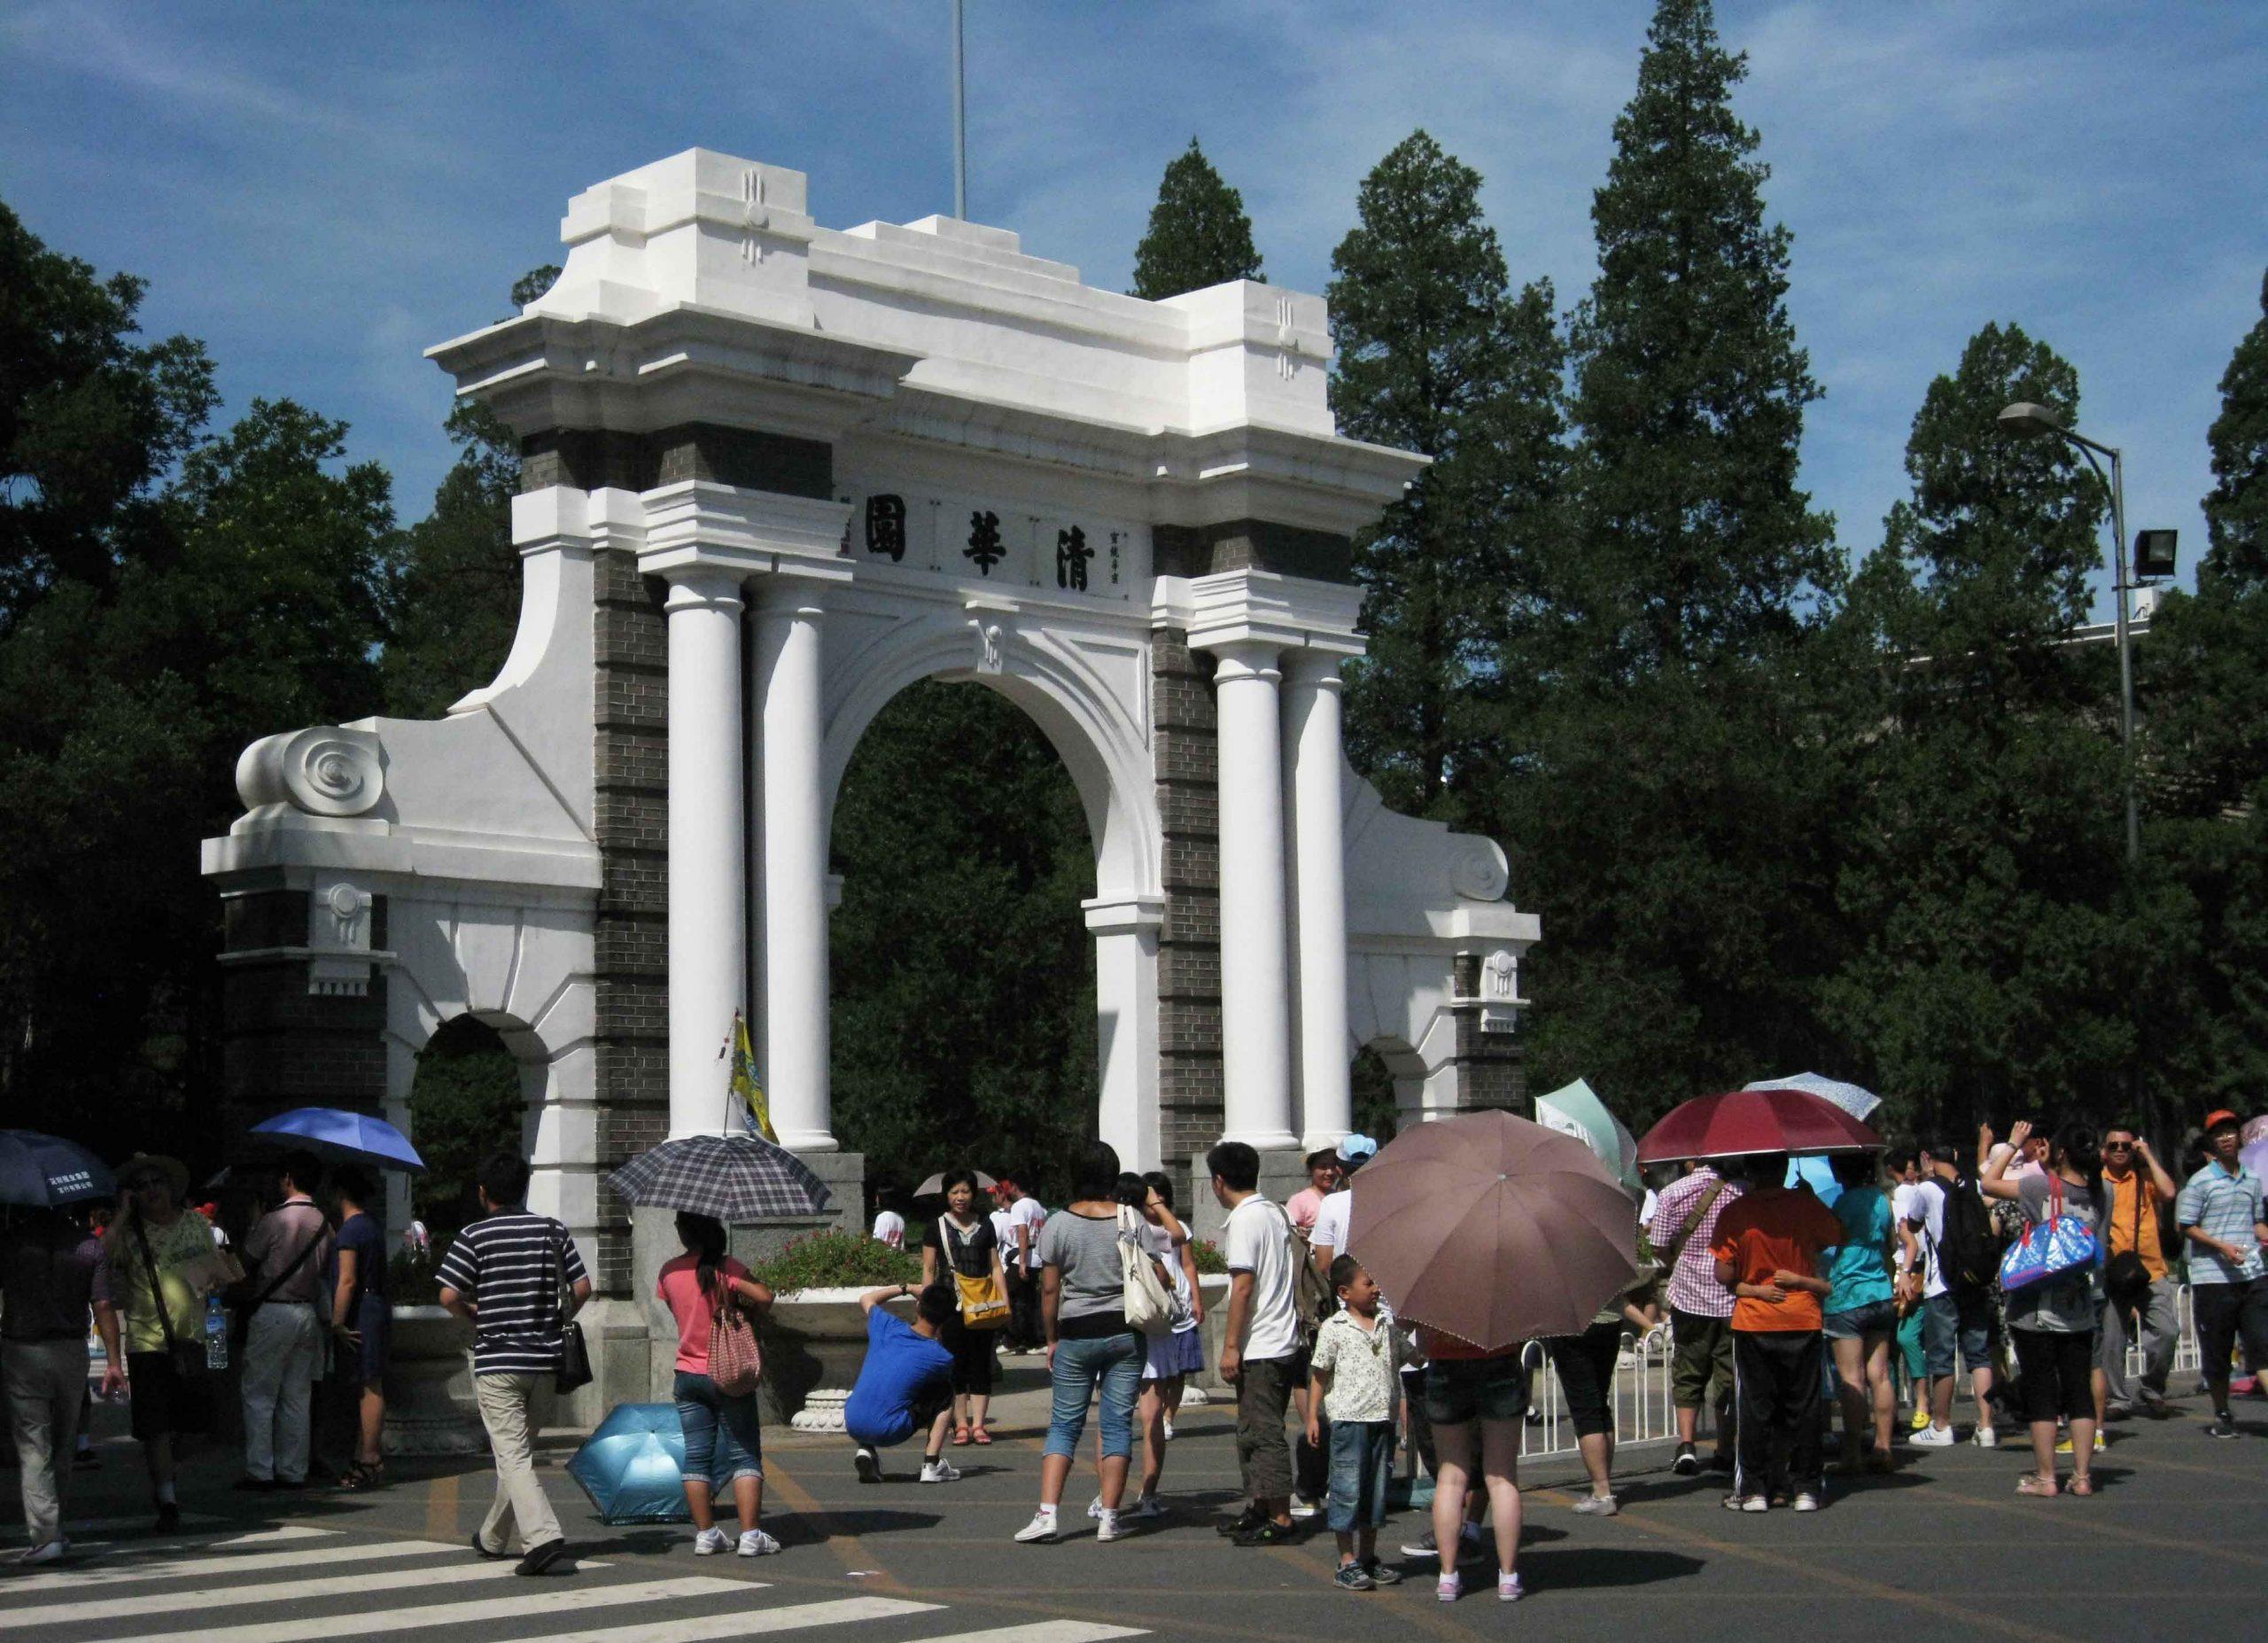 Universidad de Tsinghua establece instituto para investigación de industria de IA